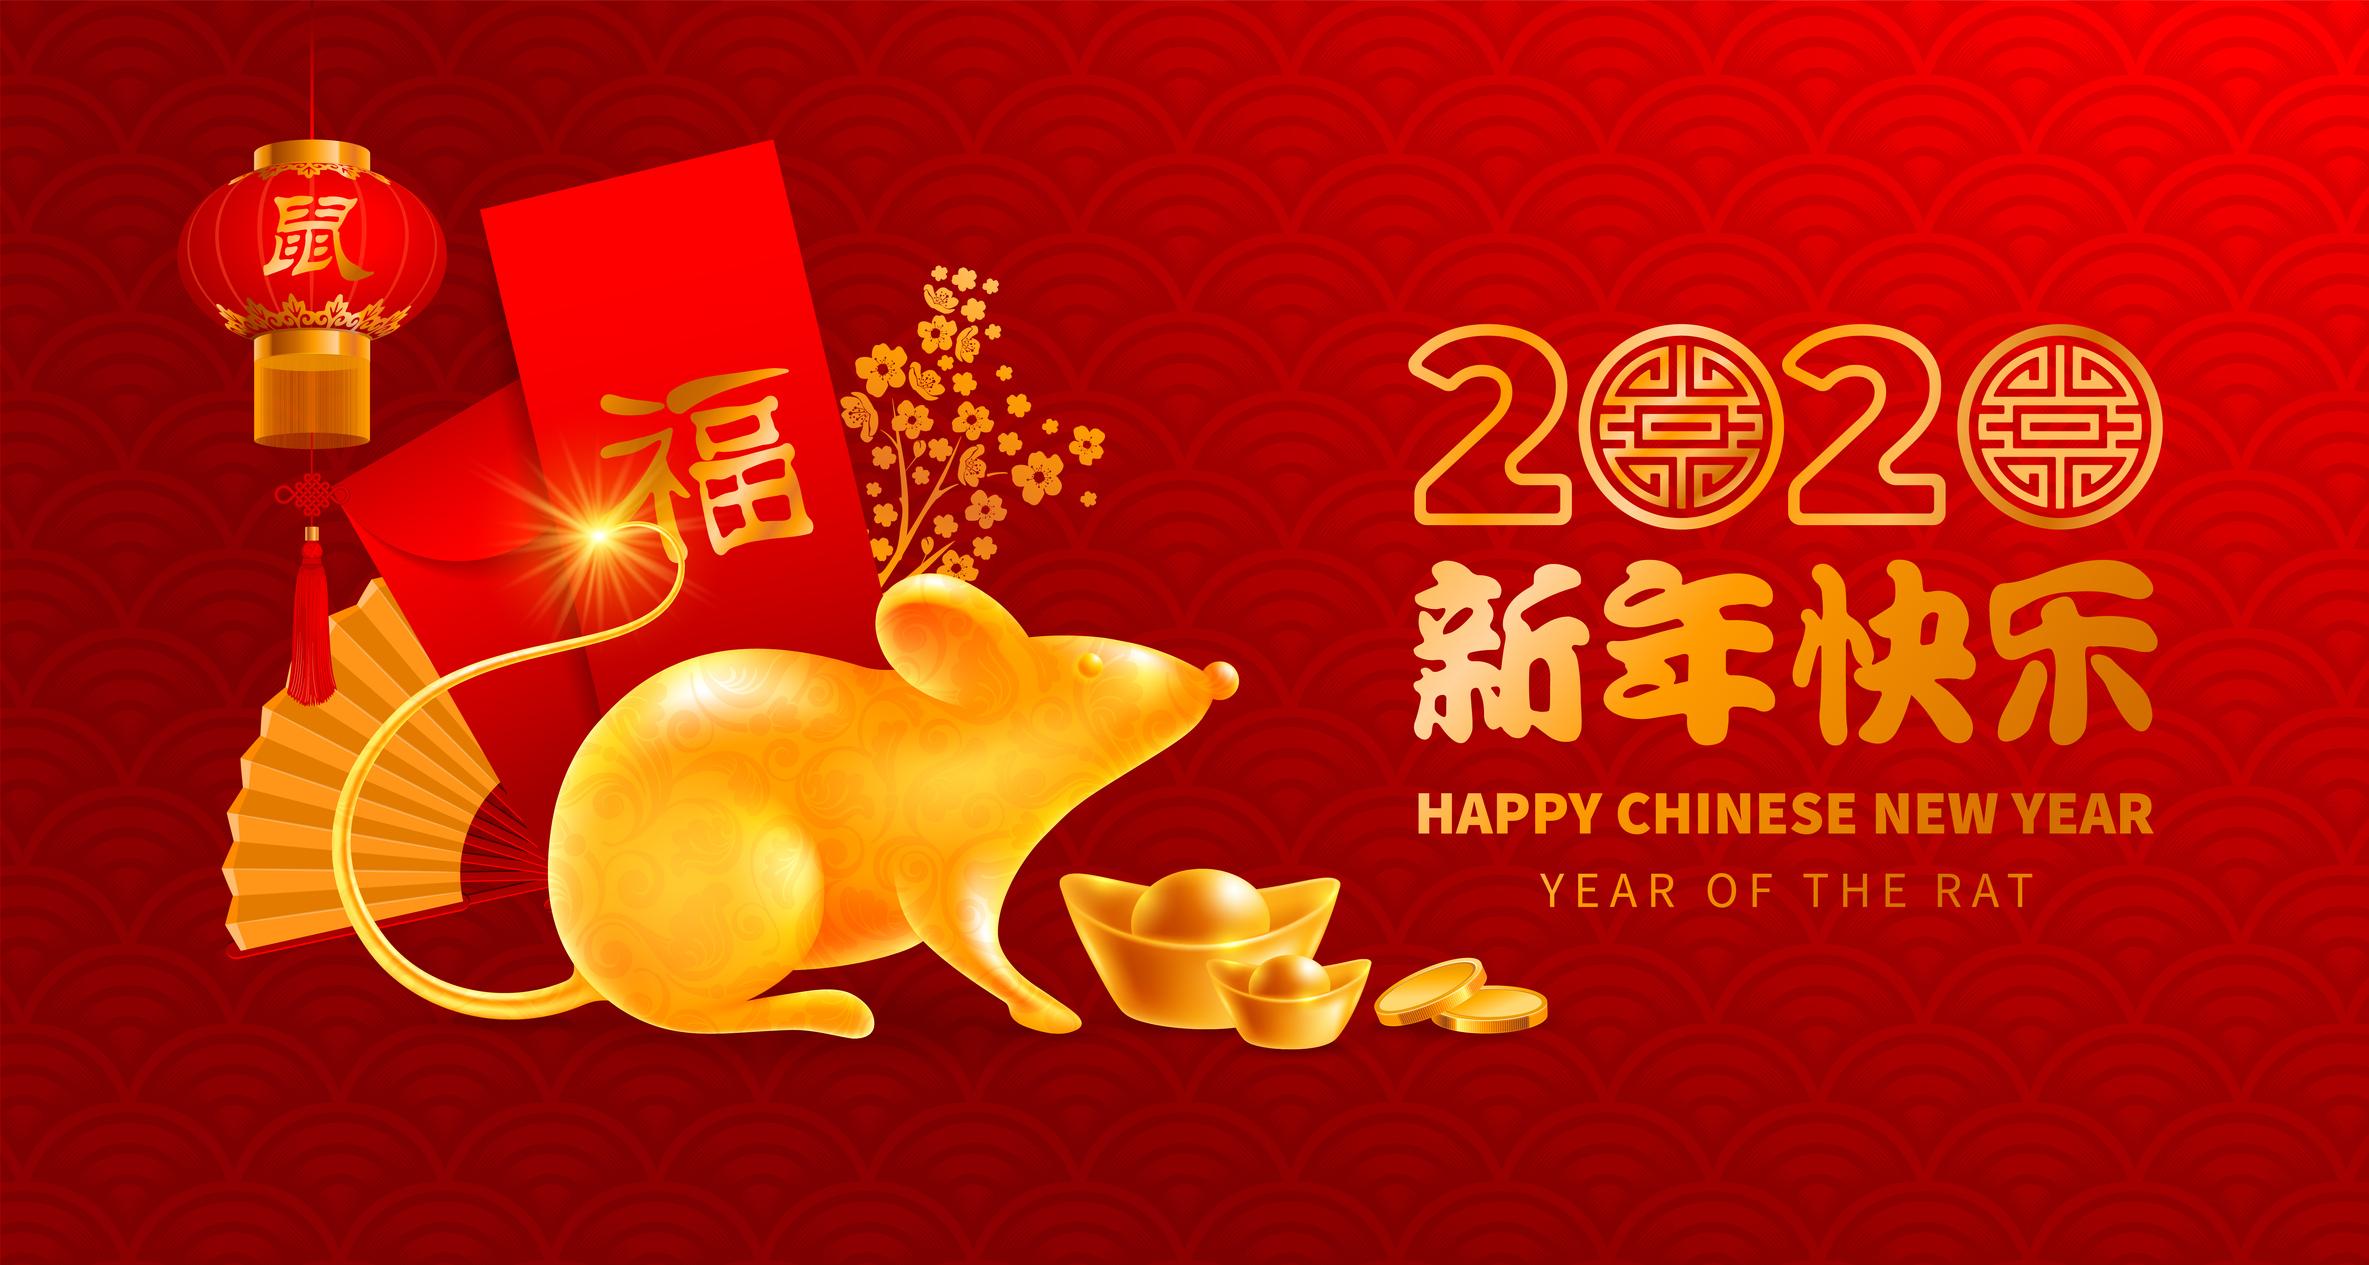 Chinesisches Neujahr Ratte